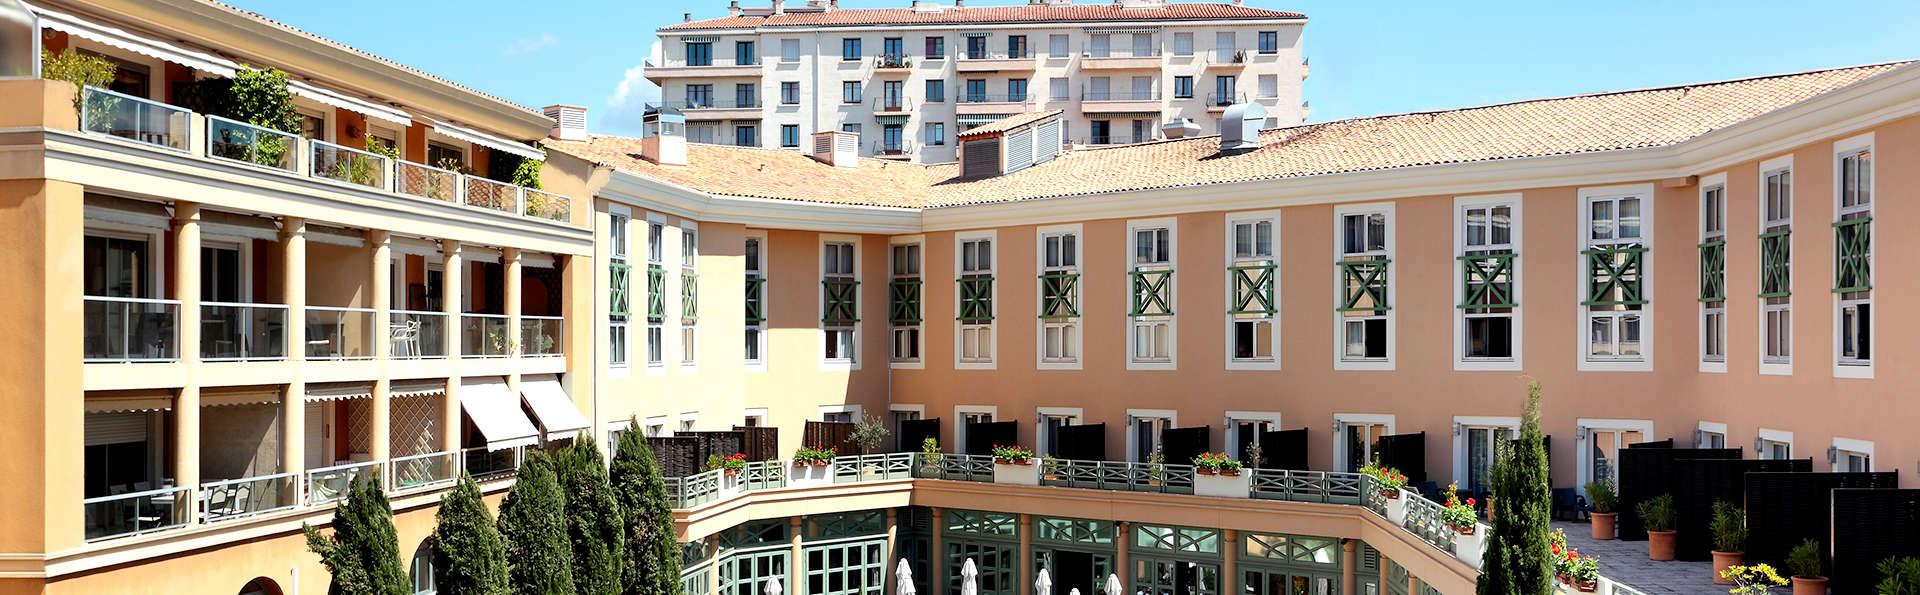 Escapade citadine à Aix-en-Provence